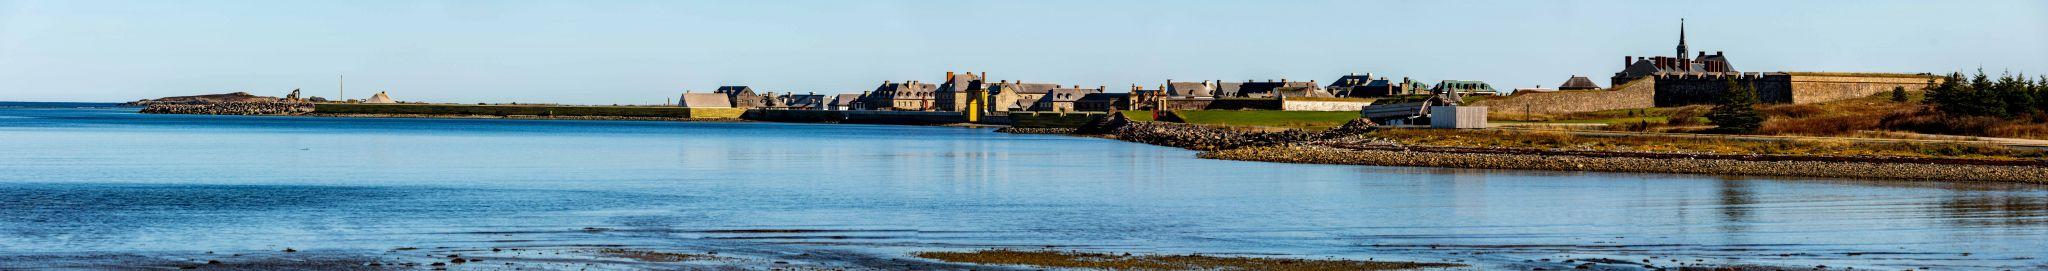 Fortress of Louisbourg pano Cape Breton Nova Scotia, Canada